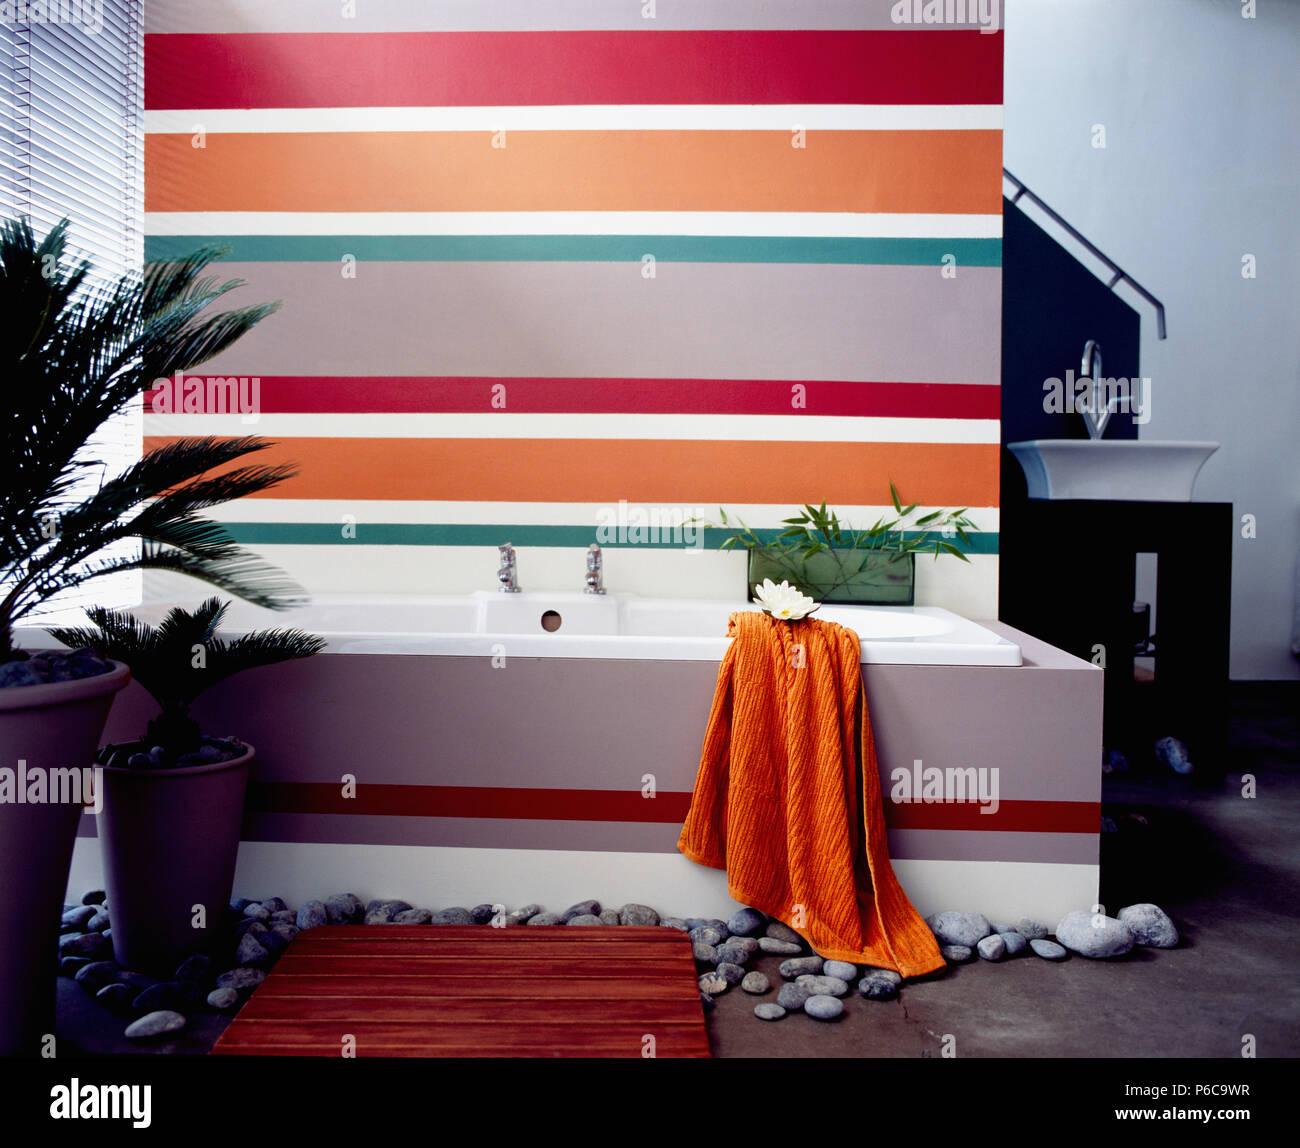 Rouge, orange et gris rayé derrière mur baignoire dans salle ...